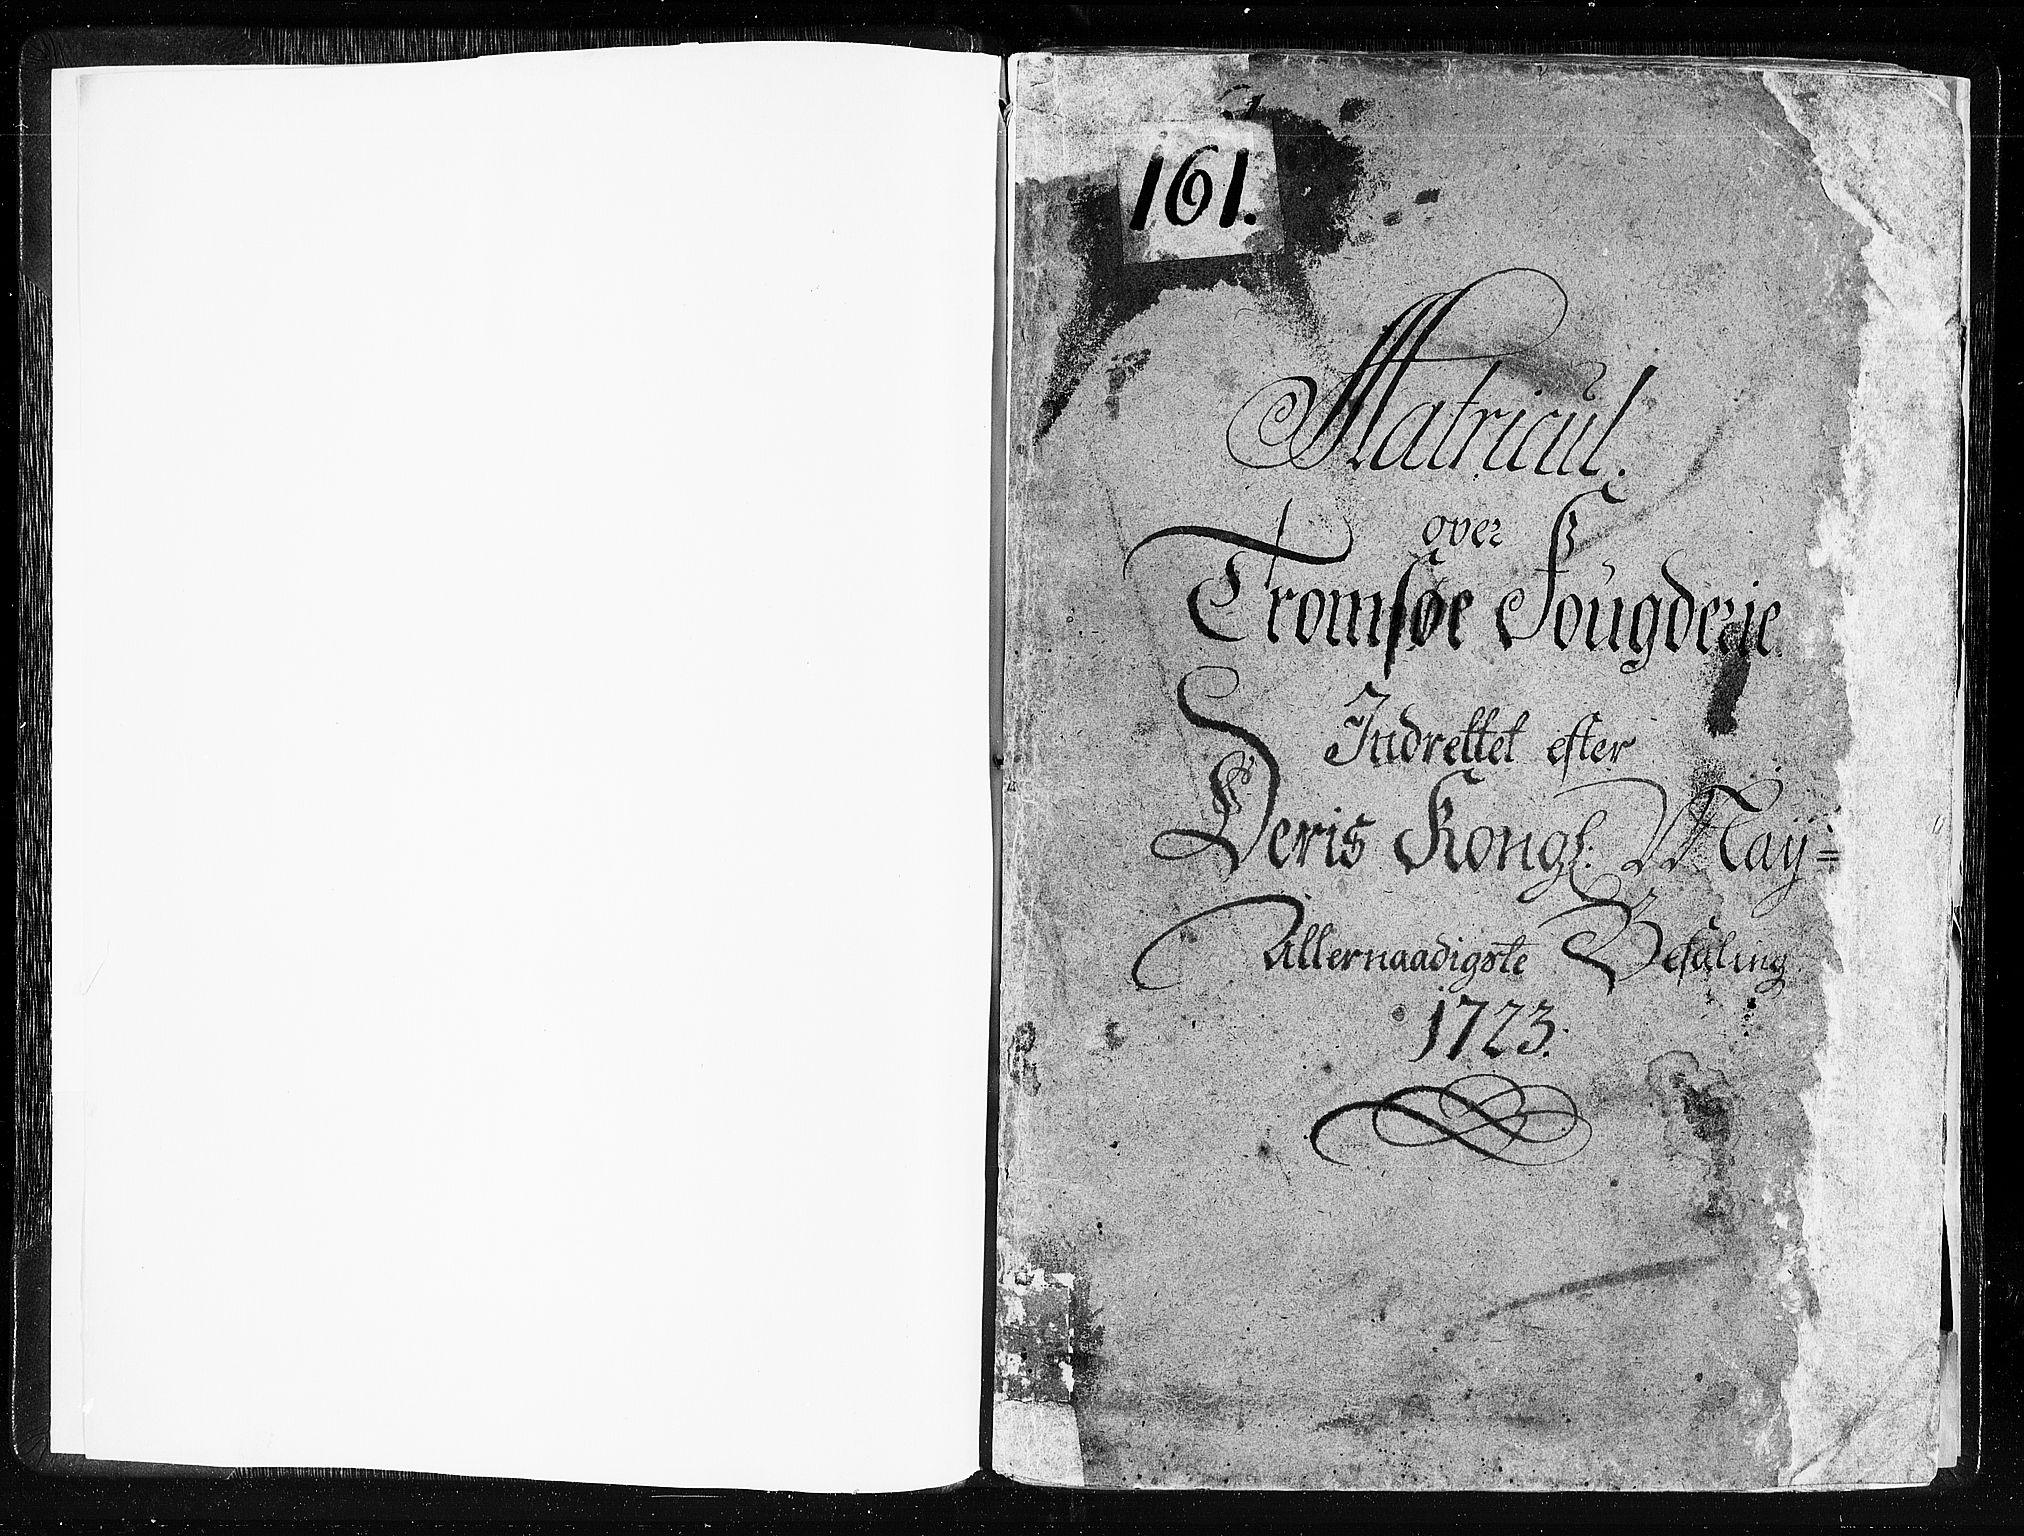 RA, Rentekammeret inntil 1814, Realistisk ordnet avdeling, N/Nb/Nbf/L0181: Troms matrikkelprotokoll, 1723, s. 1a